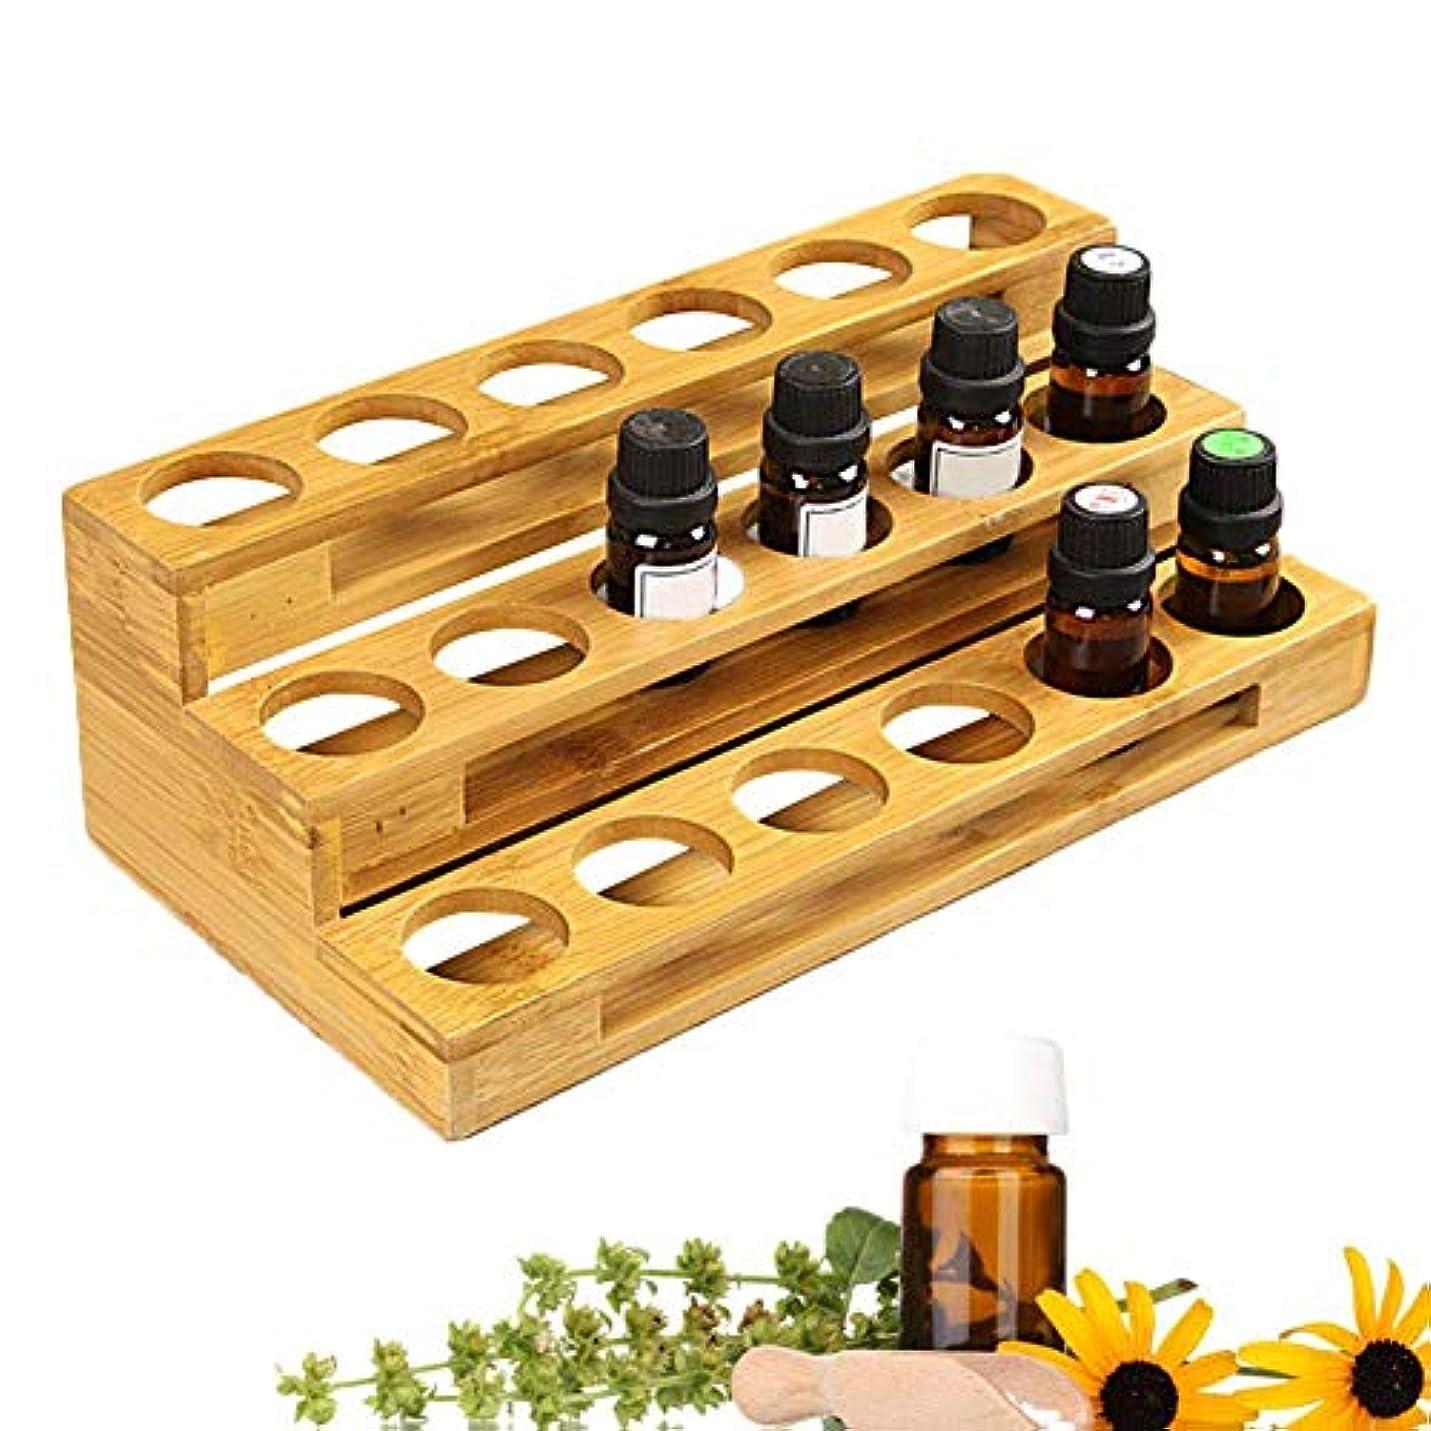 神社サロン神PROKTH エッセンシャルオイル ケース 精油ケース 和風 木製 エッセンシャルオイル 香水収納 収納ボックス 回転式 大容量 コンパクト